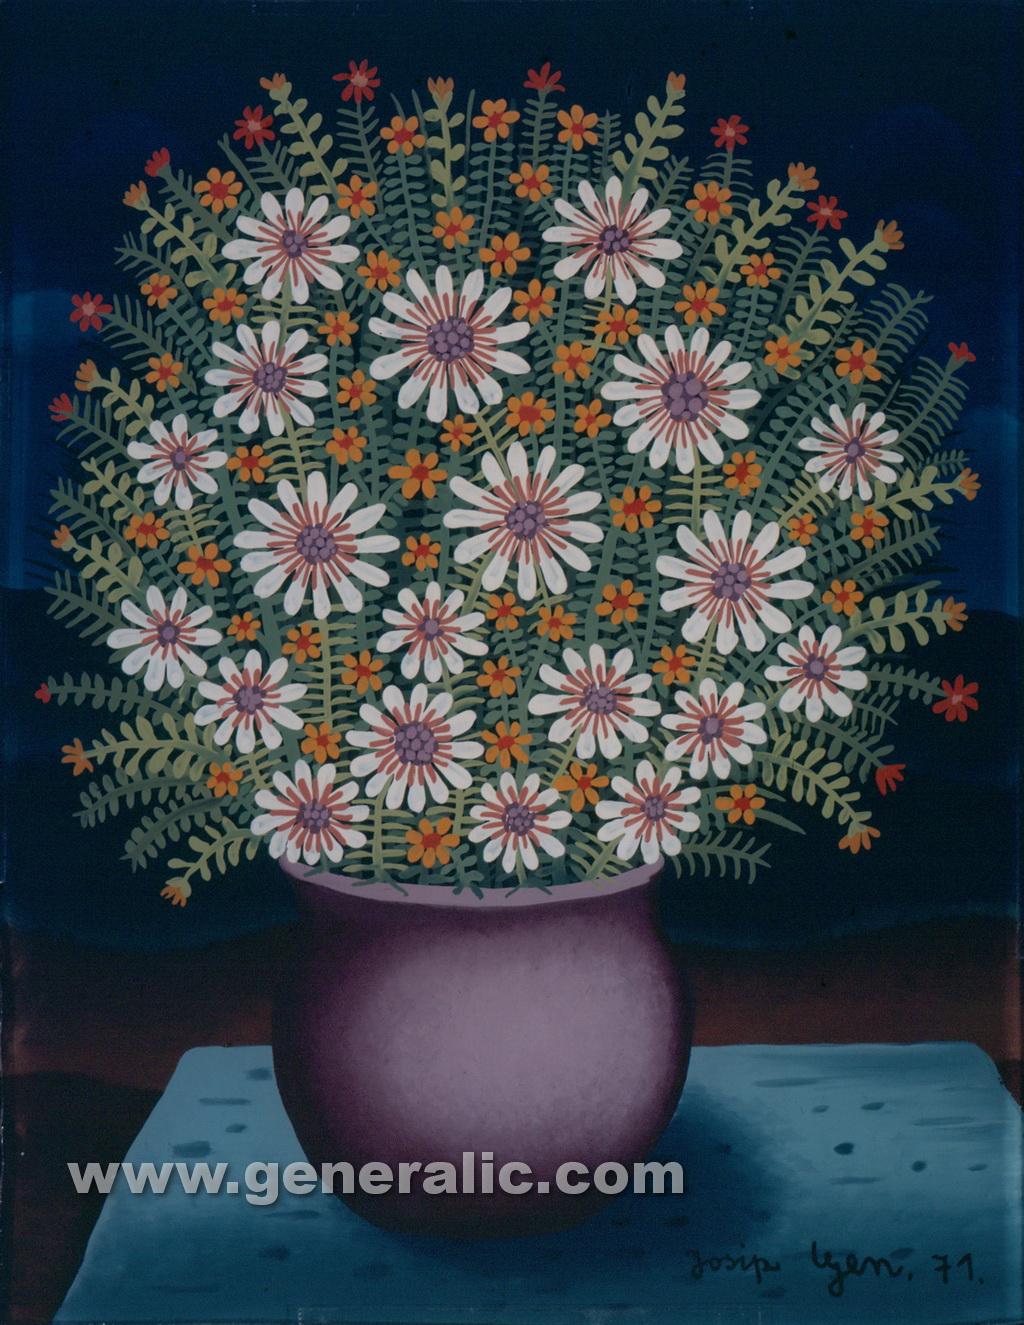 Josip Generalic, 1971, Flowers in purple pot, oil on glass